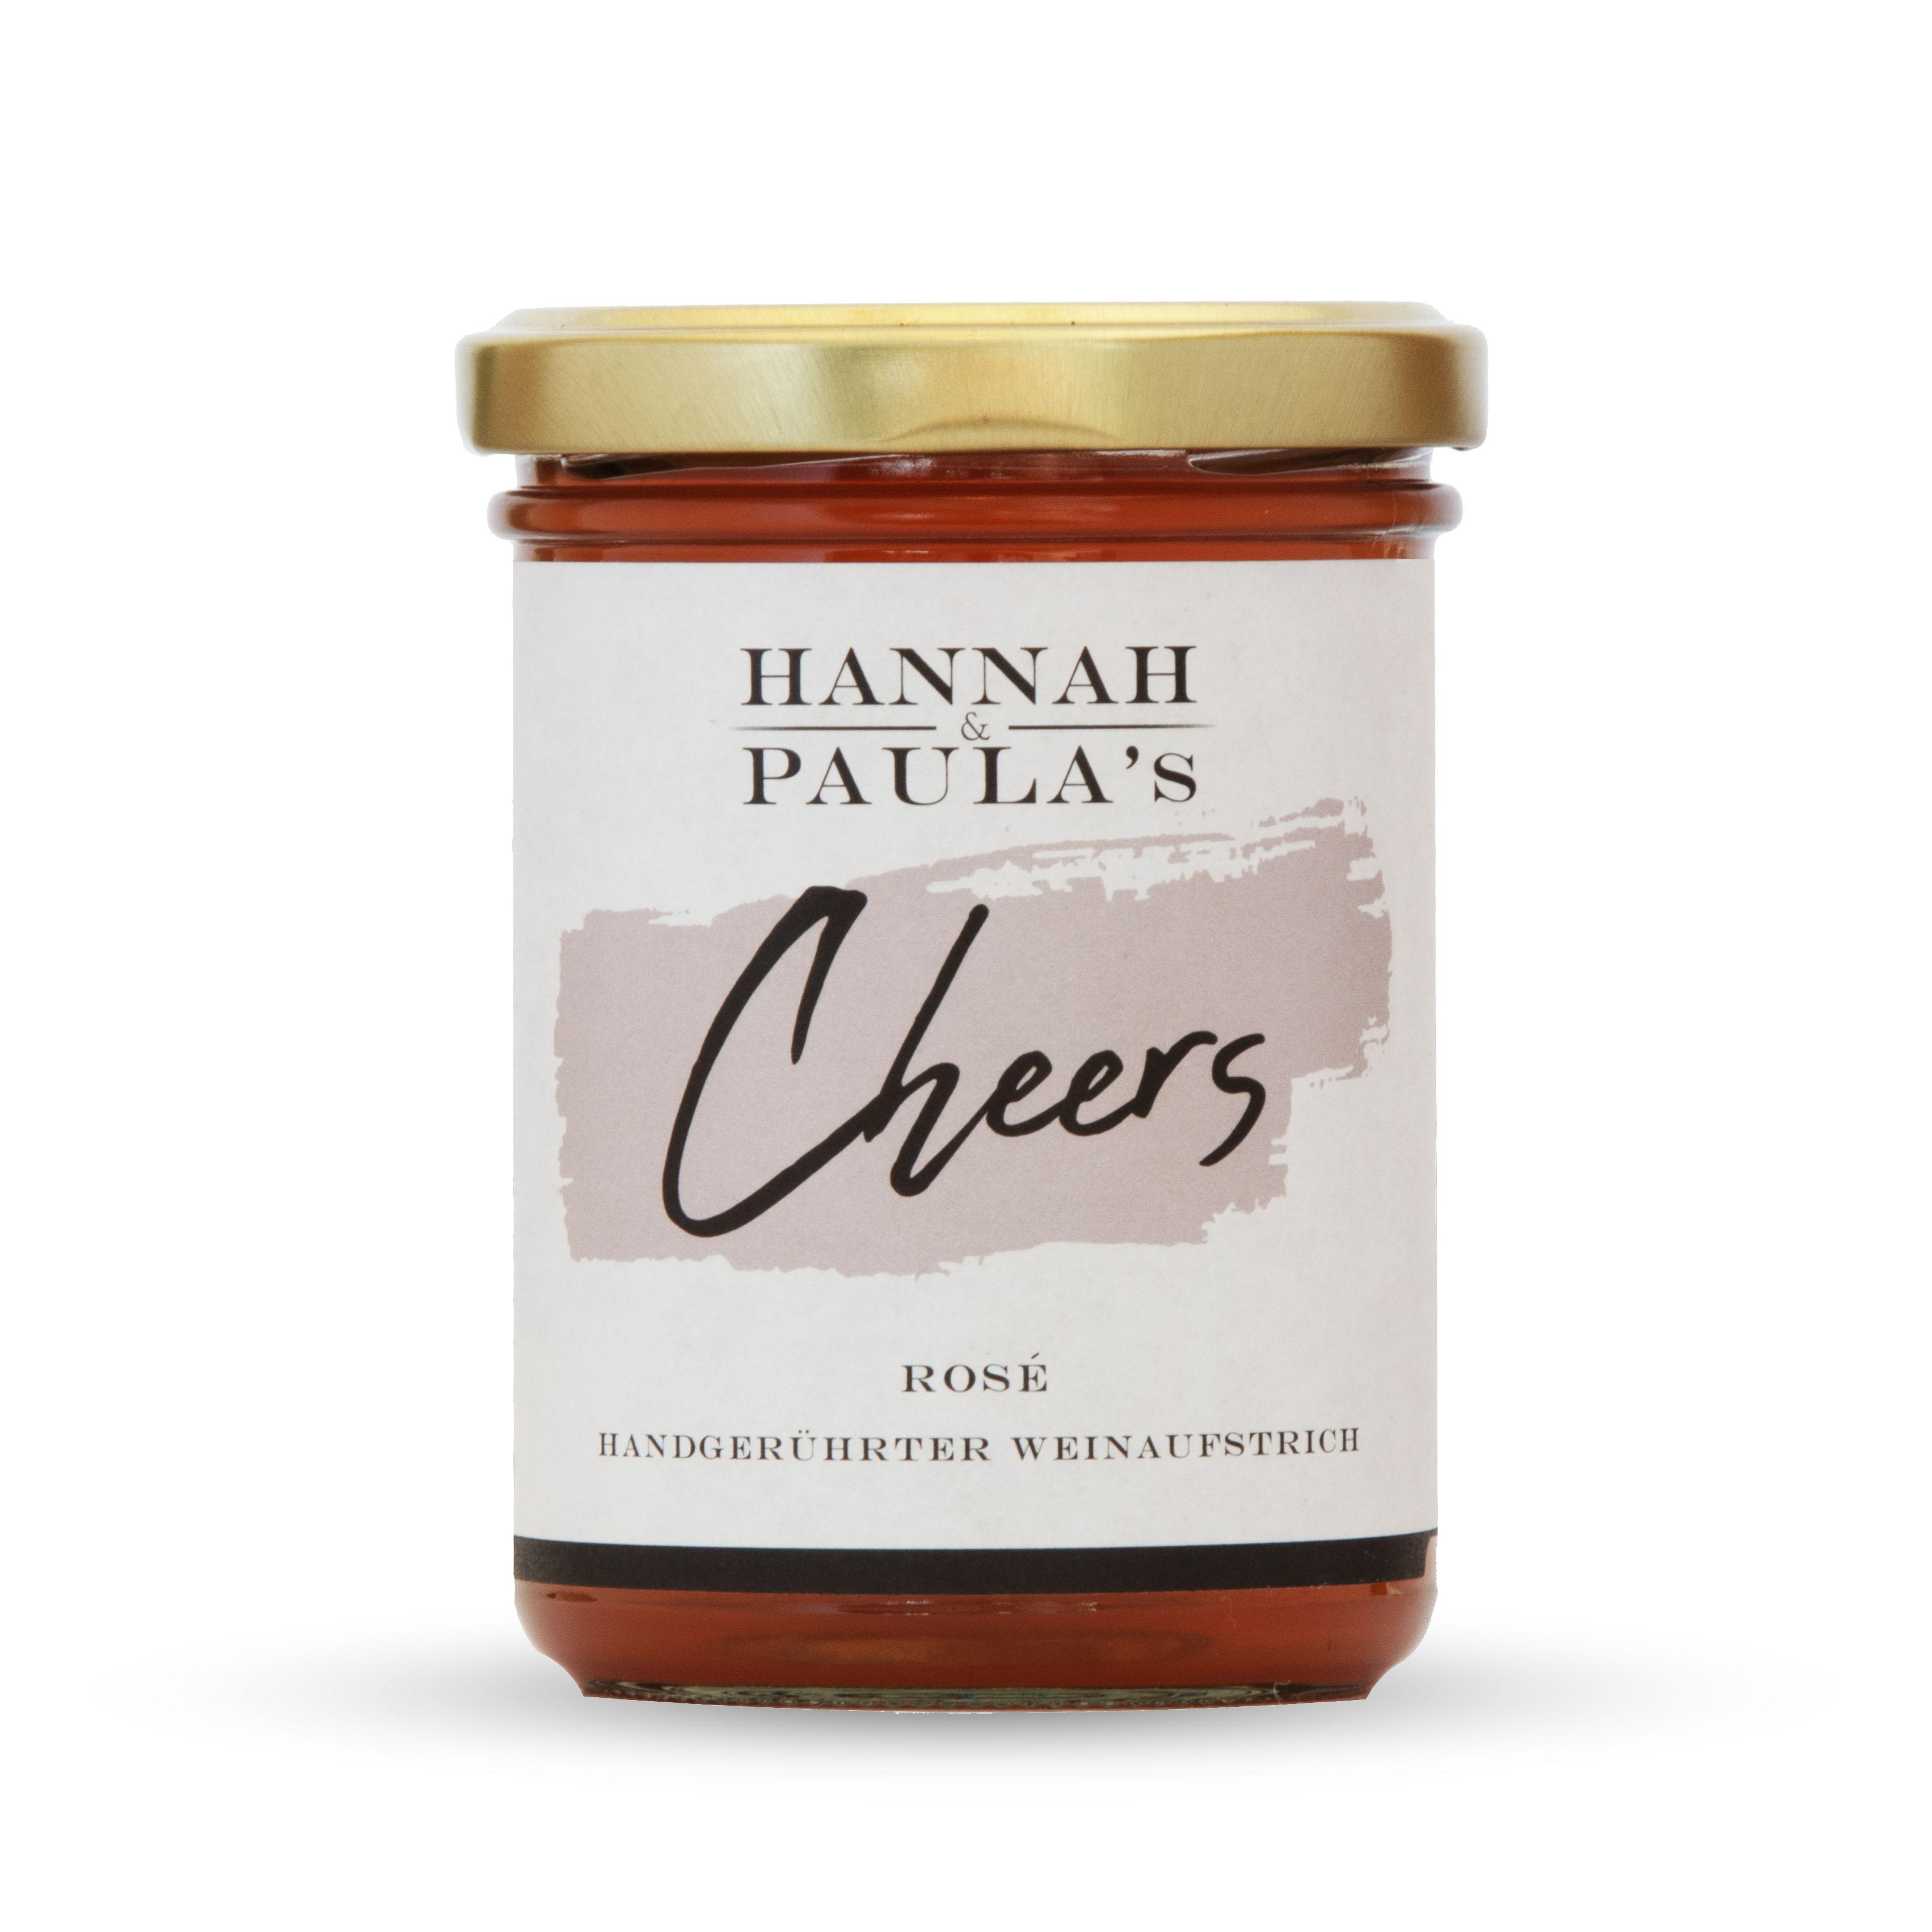 HANNAH & PAULAS Handgerührter Weinaufstrich »Cheers Rosé«